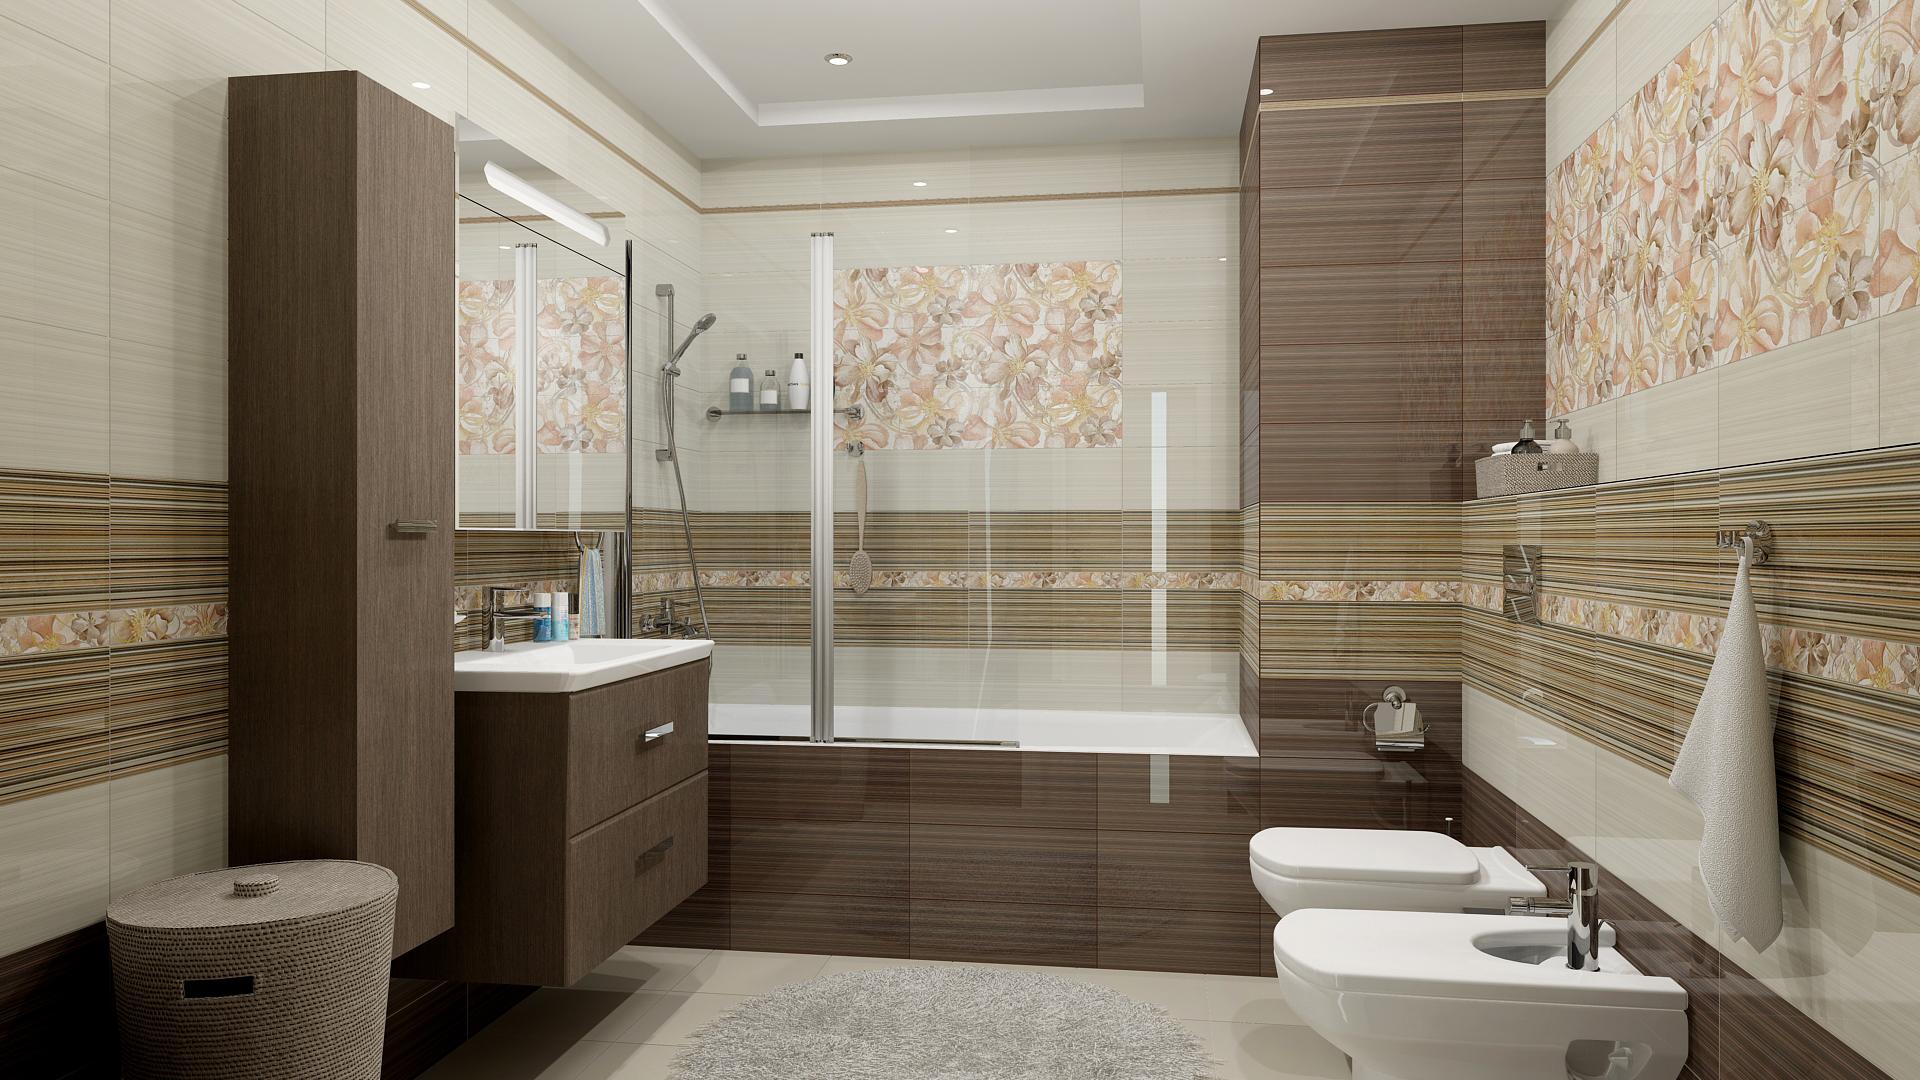 Плитка с горизонтальными полосами в ванной